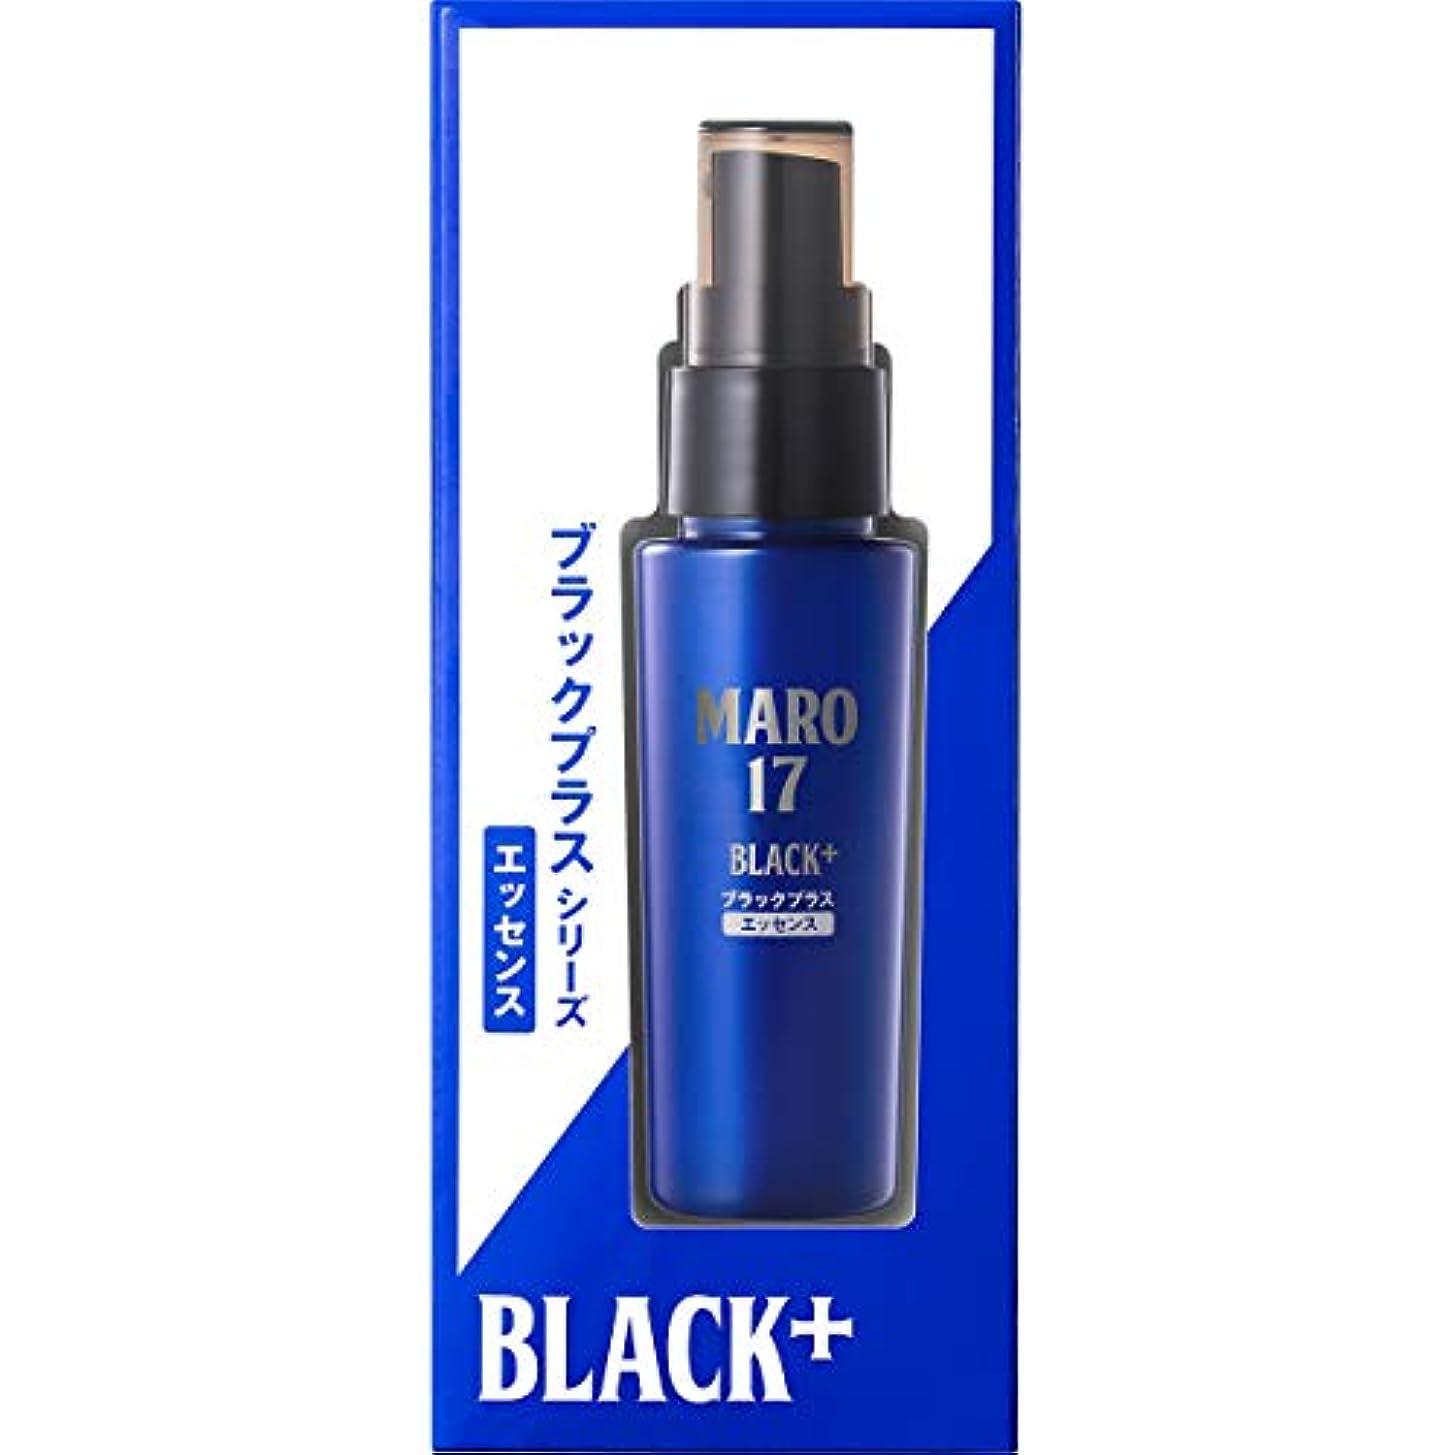 エッセンス不忠平行MARO17 ブラックプラス シリーズ エッセンス 50ml